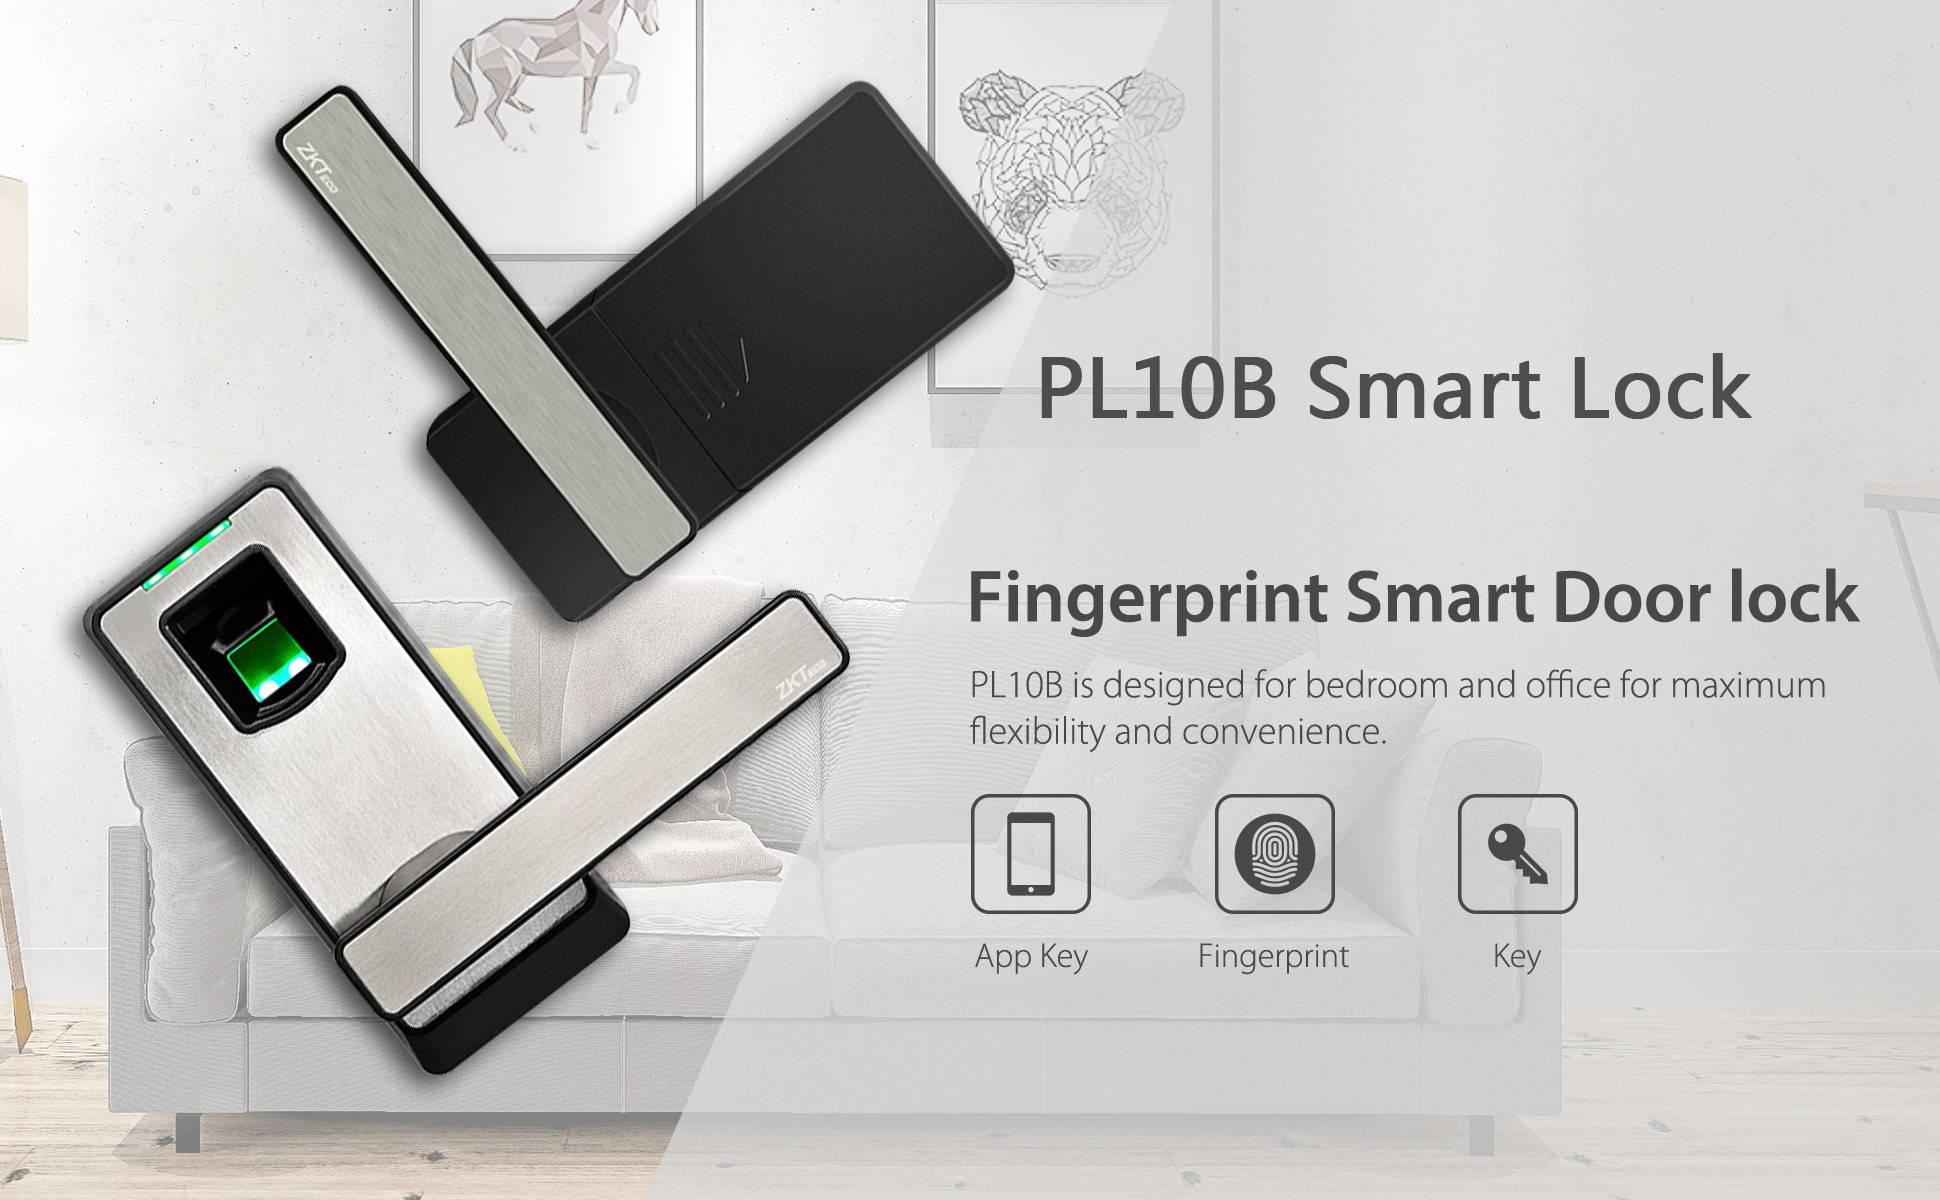 fingerprint smart door lock banner